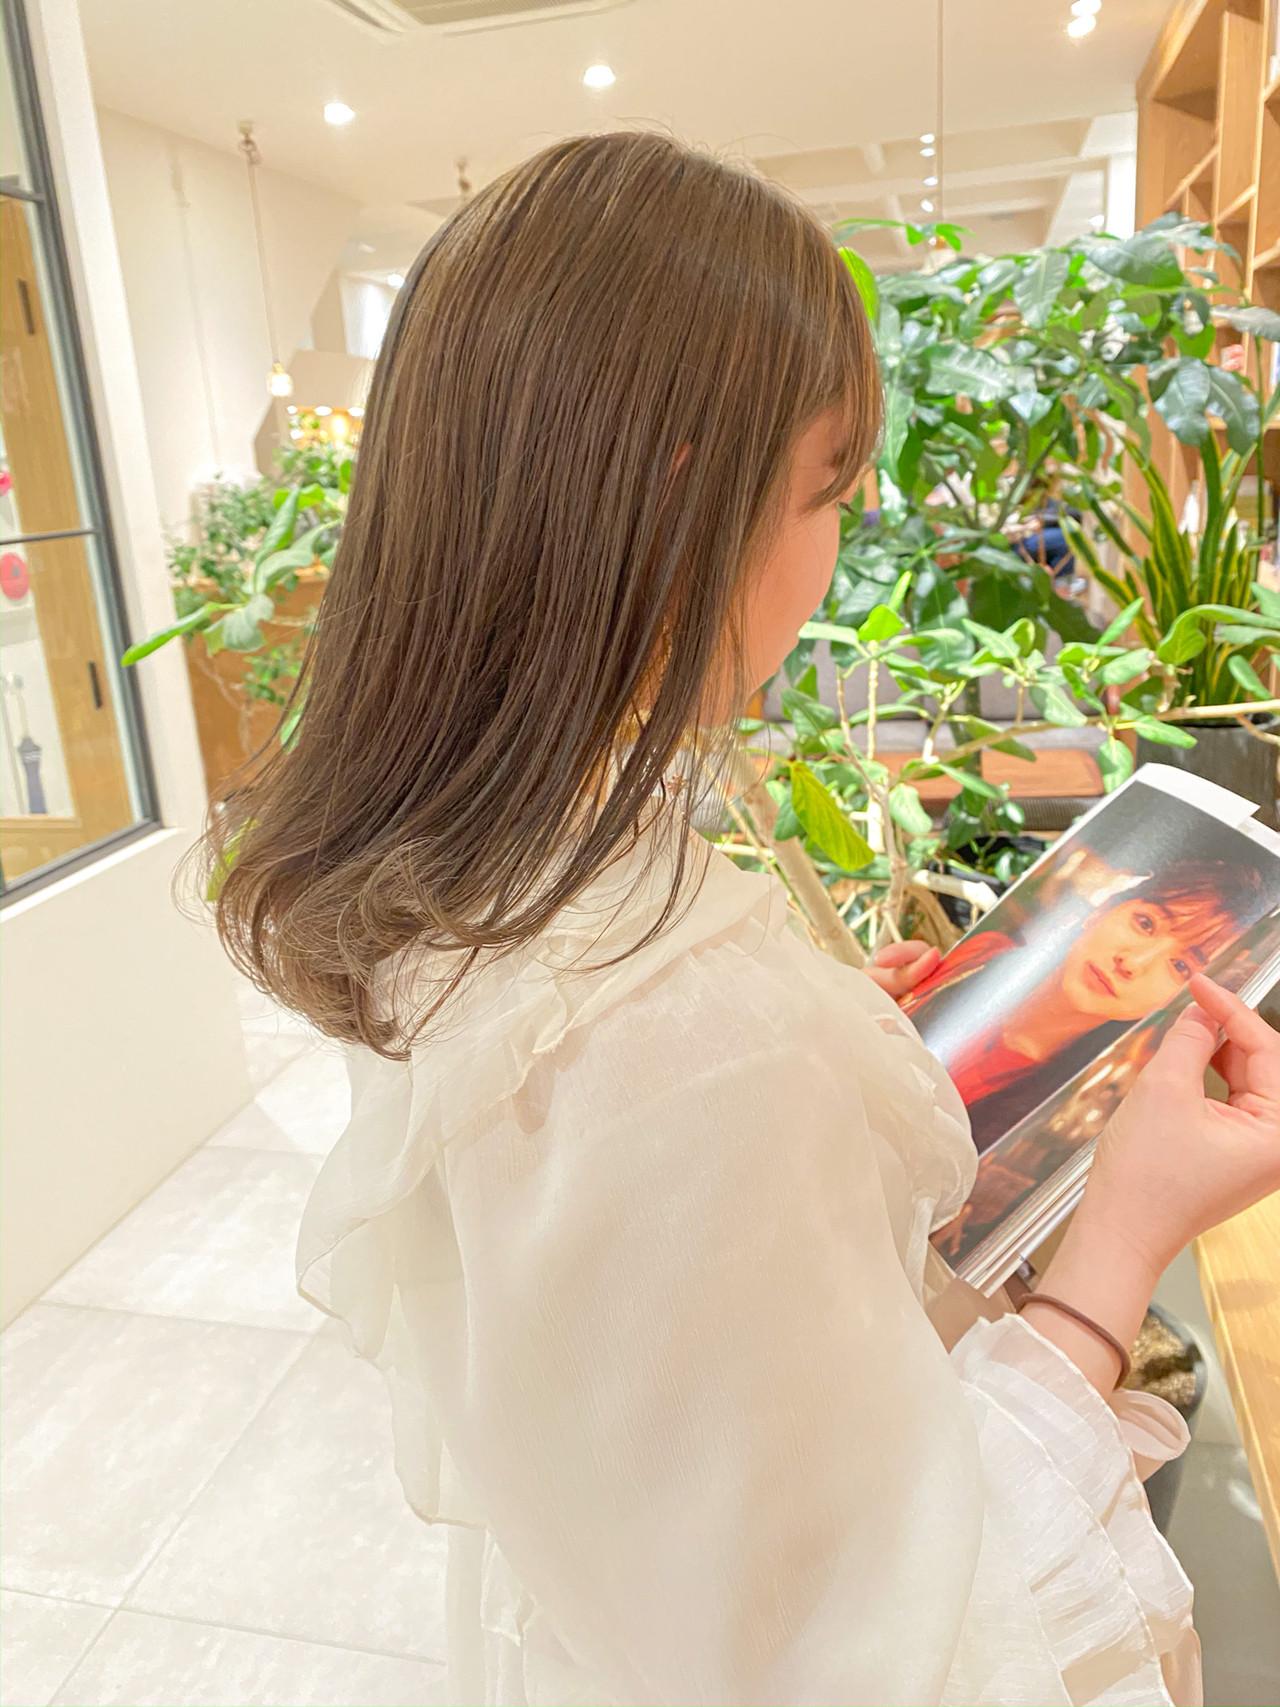 ミルクティーグレージュ セミロング ブリーチなし グレージュ ヘアスタイルや髪型の写真・画像 | 村西 郁人 / rue